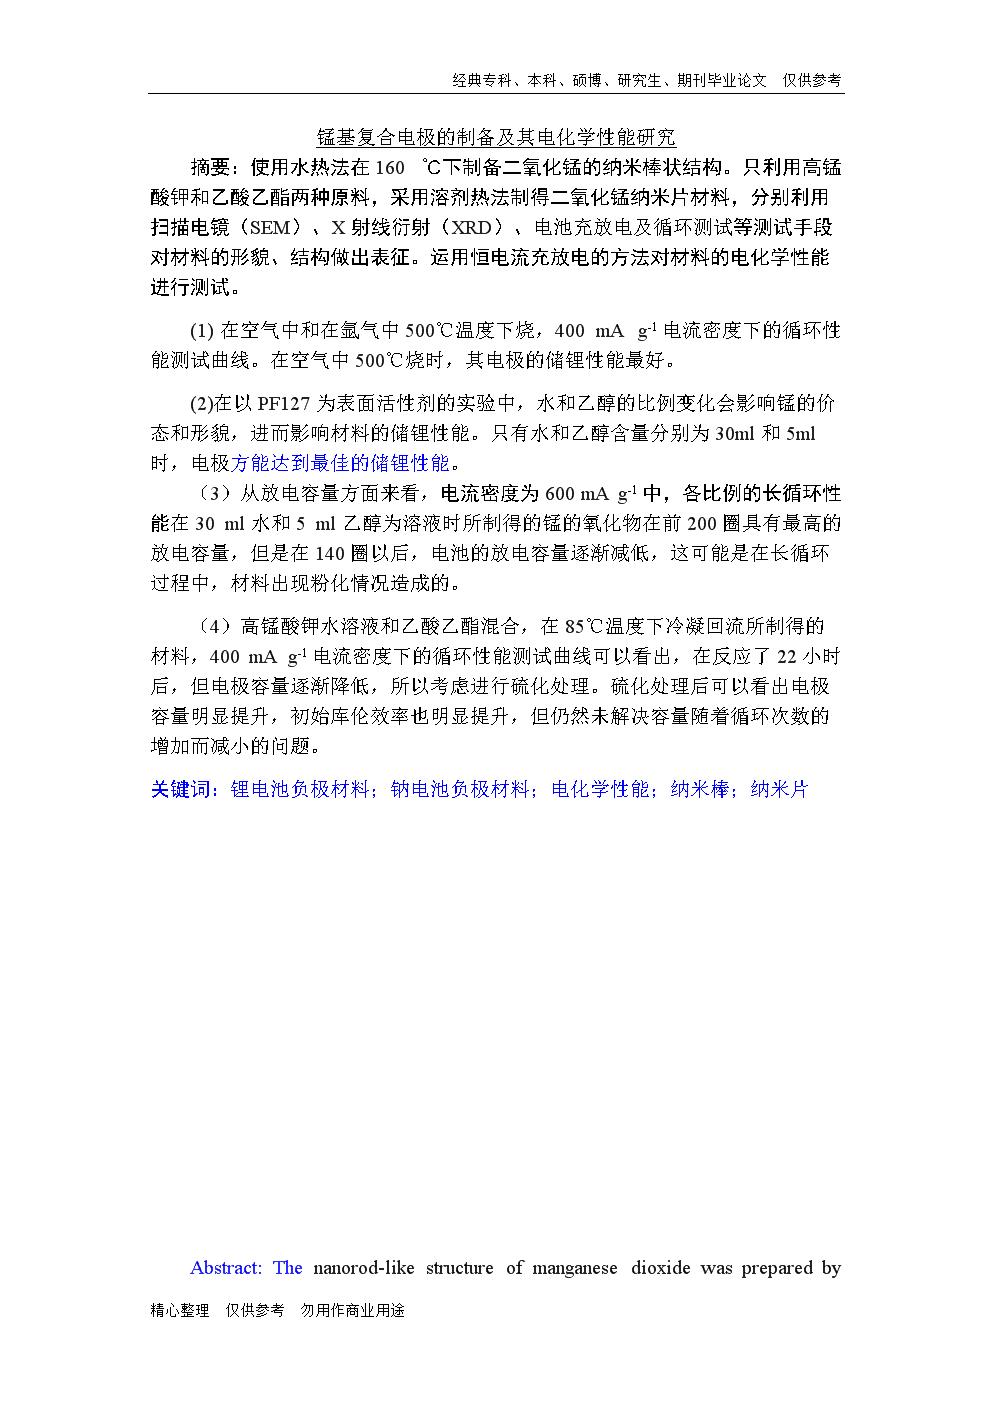 (降重)锰基复合电极的制备及其电化学性能研究.docx